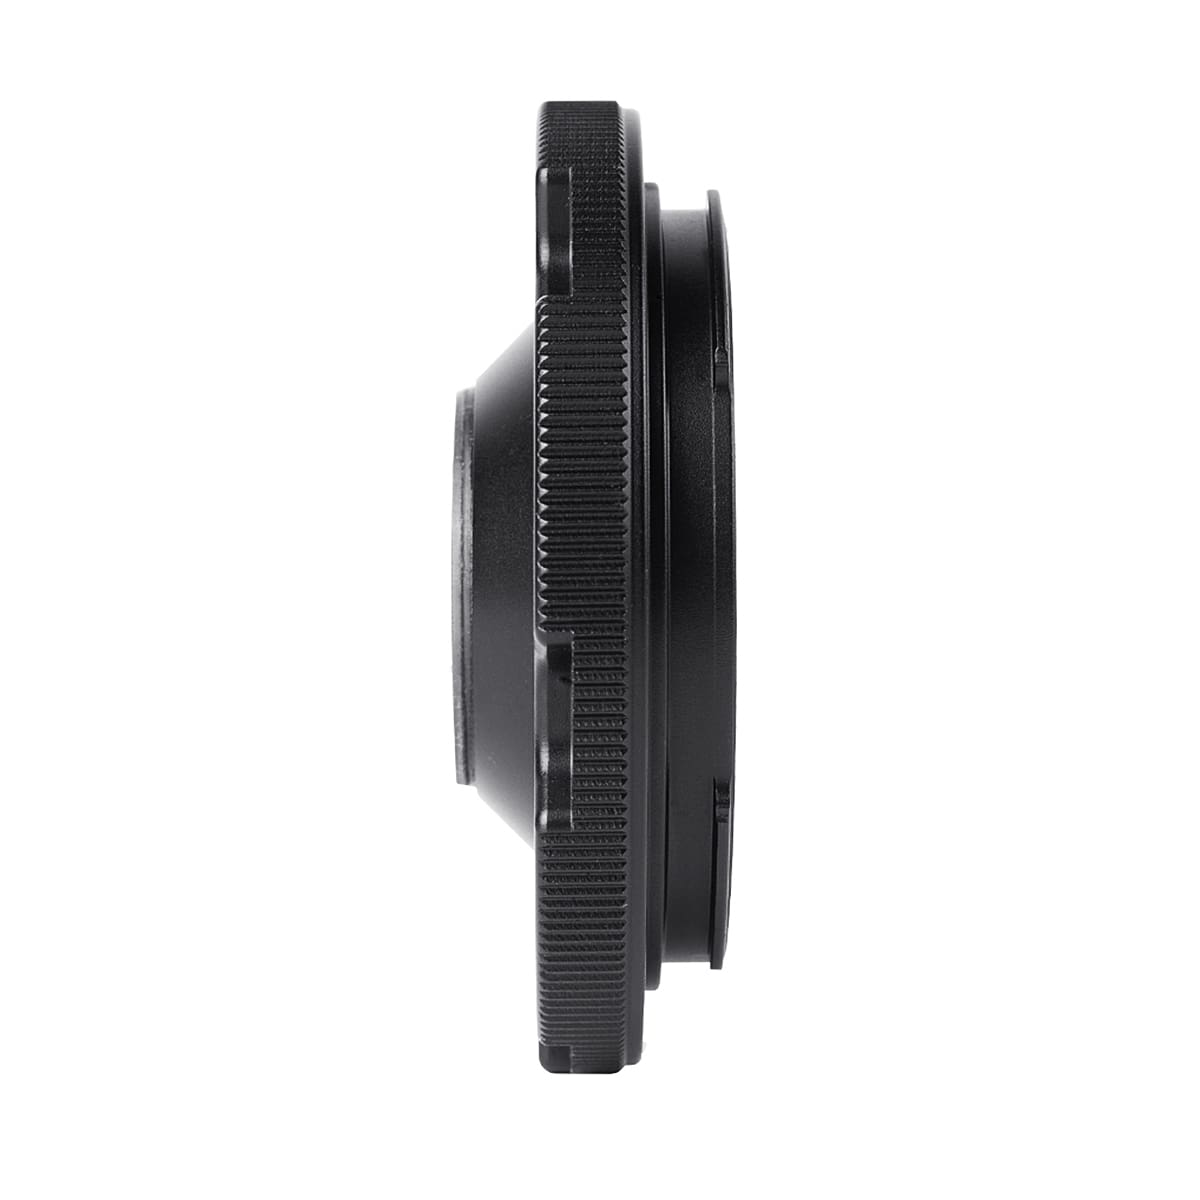 七工匠 7Artisans 18mm F6.3 ボディキャップレンズ